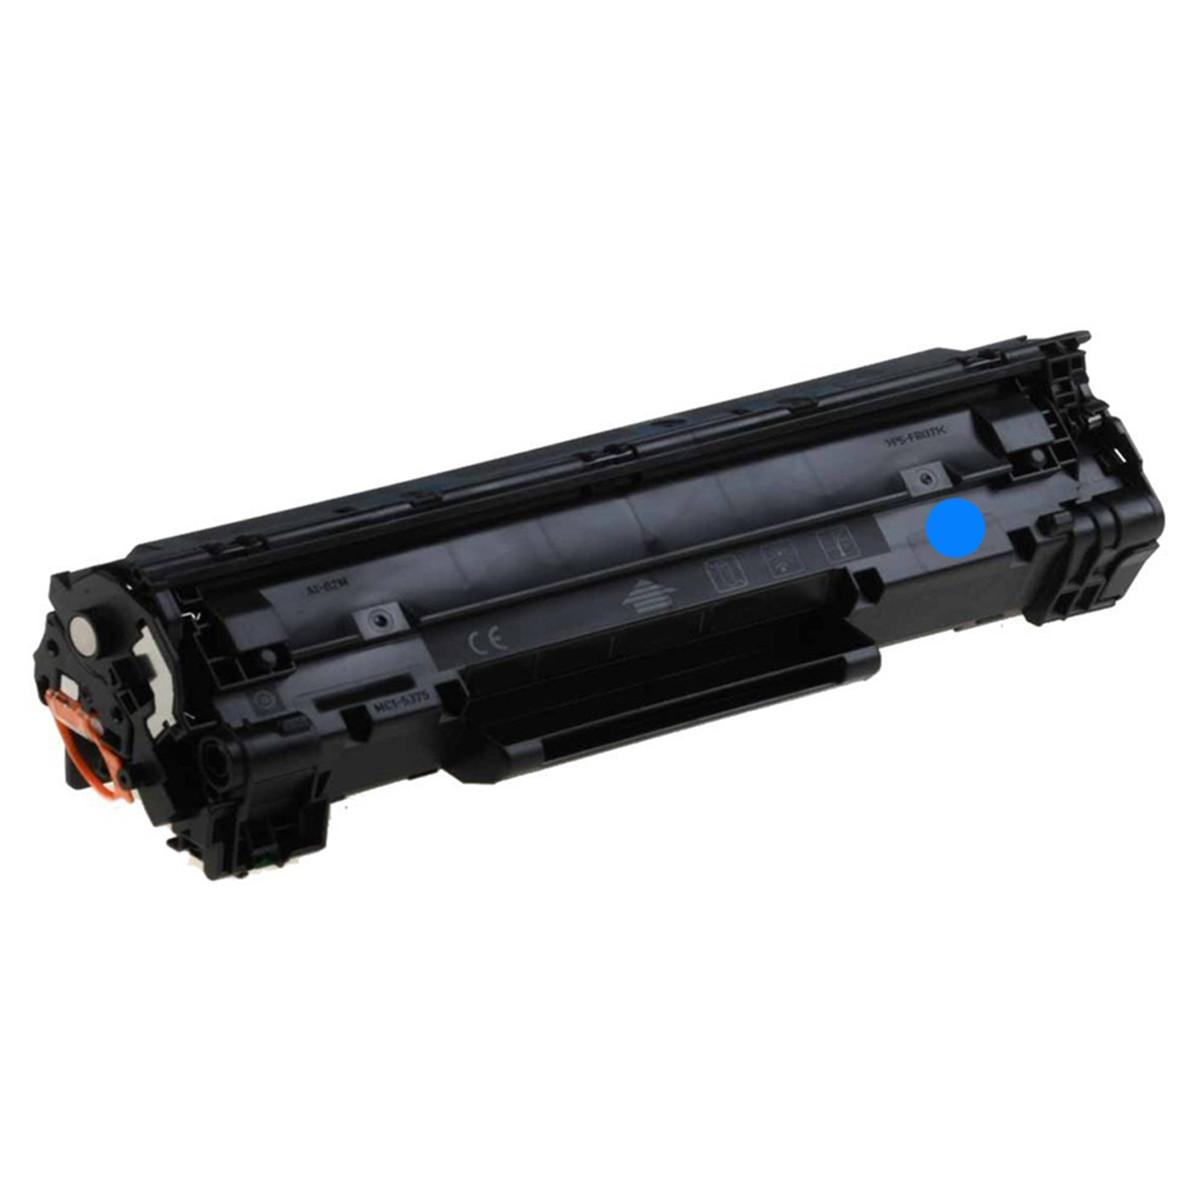 Toner Compatível com HP CF401A 201A CF401AB Ciano | M252DW M277DW M252 M277 | Importado 1.4k